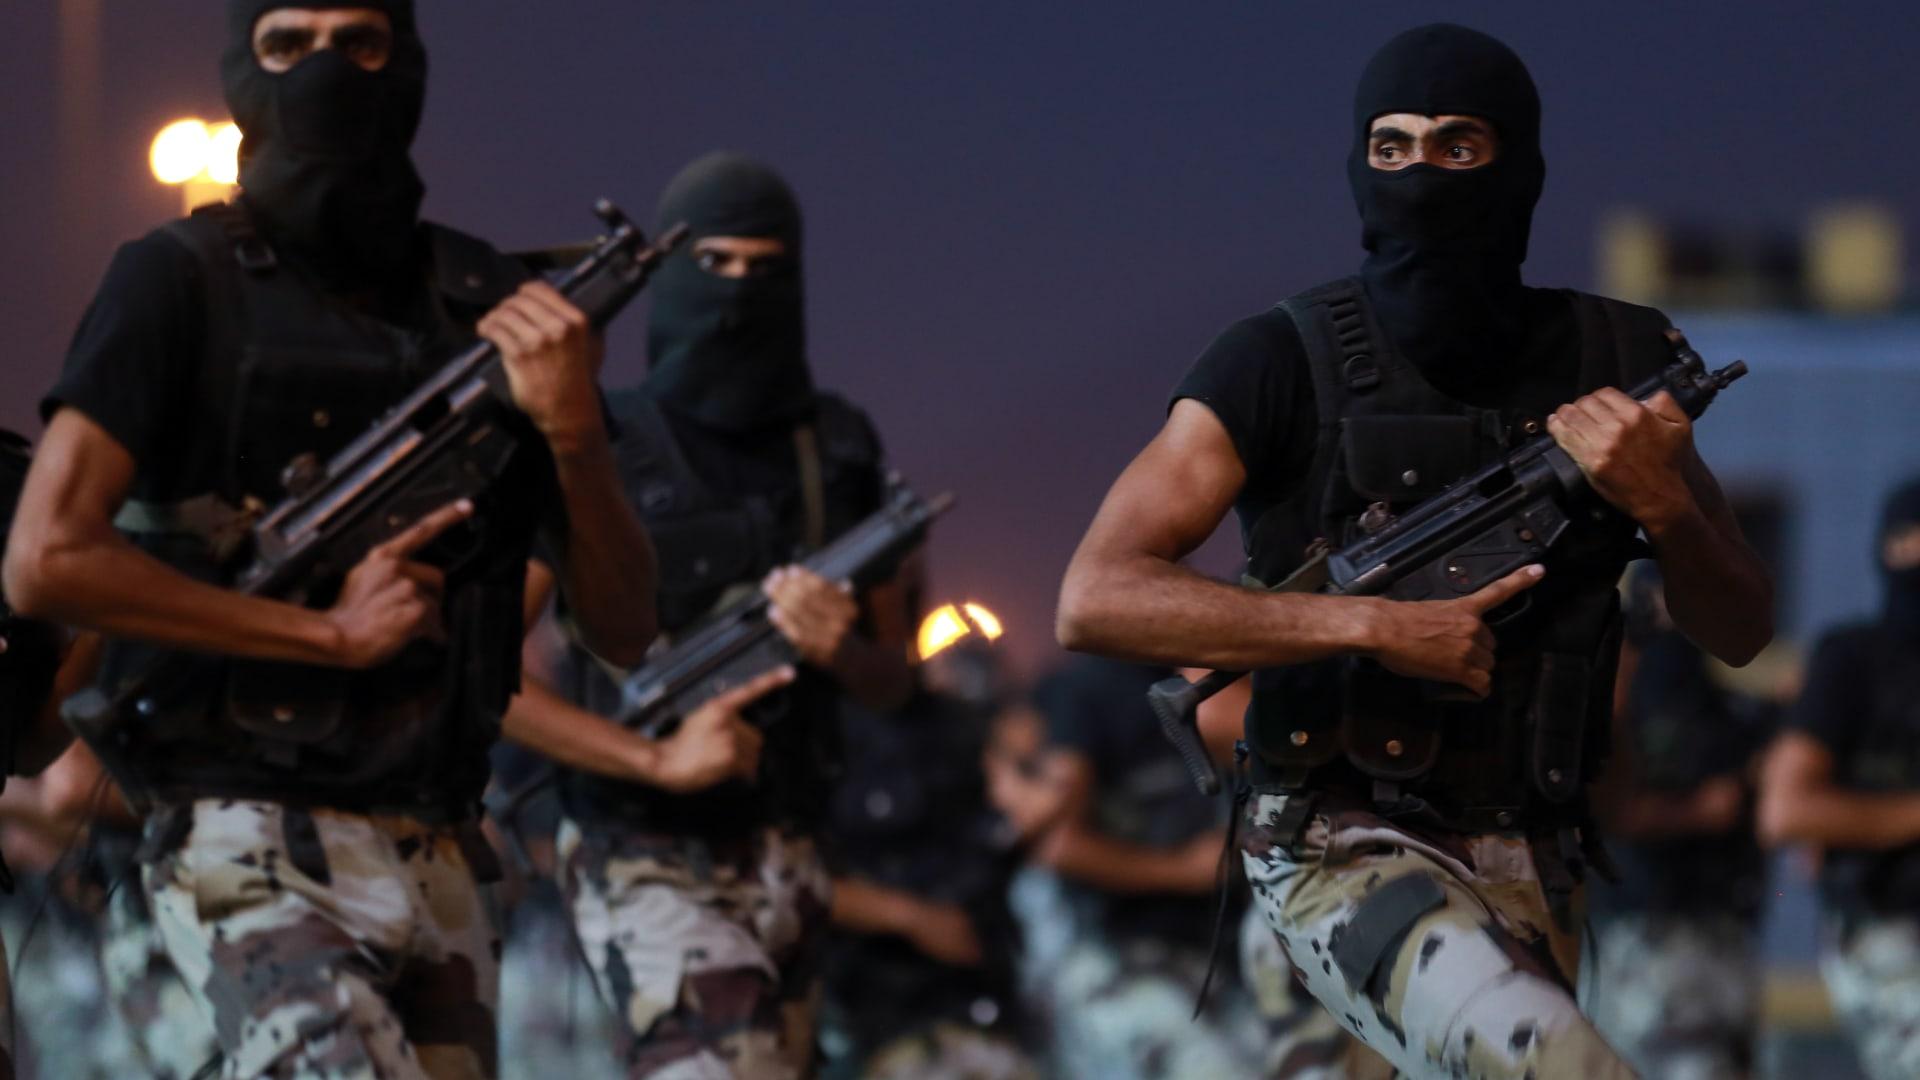 """أمن الدولة السعودي يكشف تفاصيل عملية """"استباقية"""" في القطيف.. ومقتل مطلوبين"""